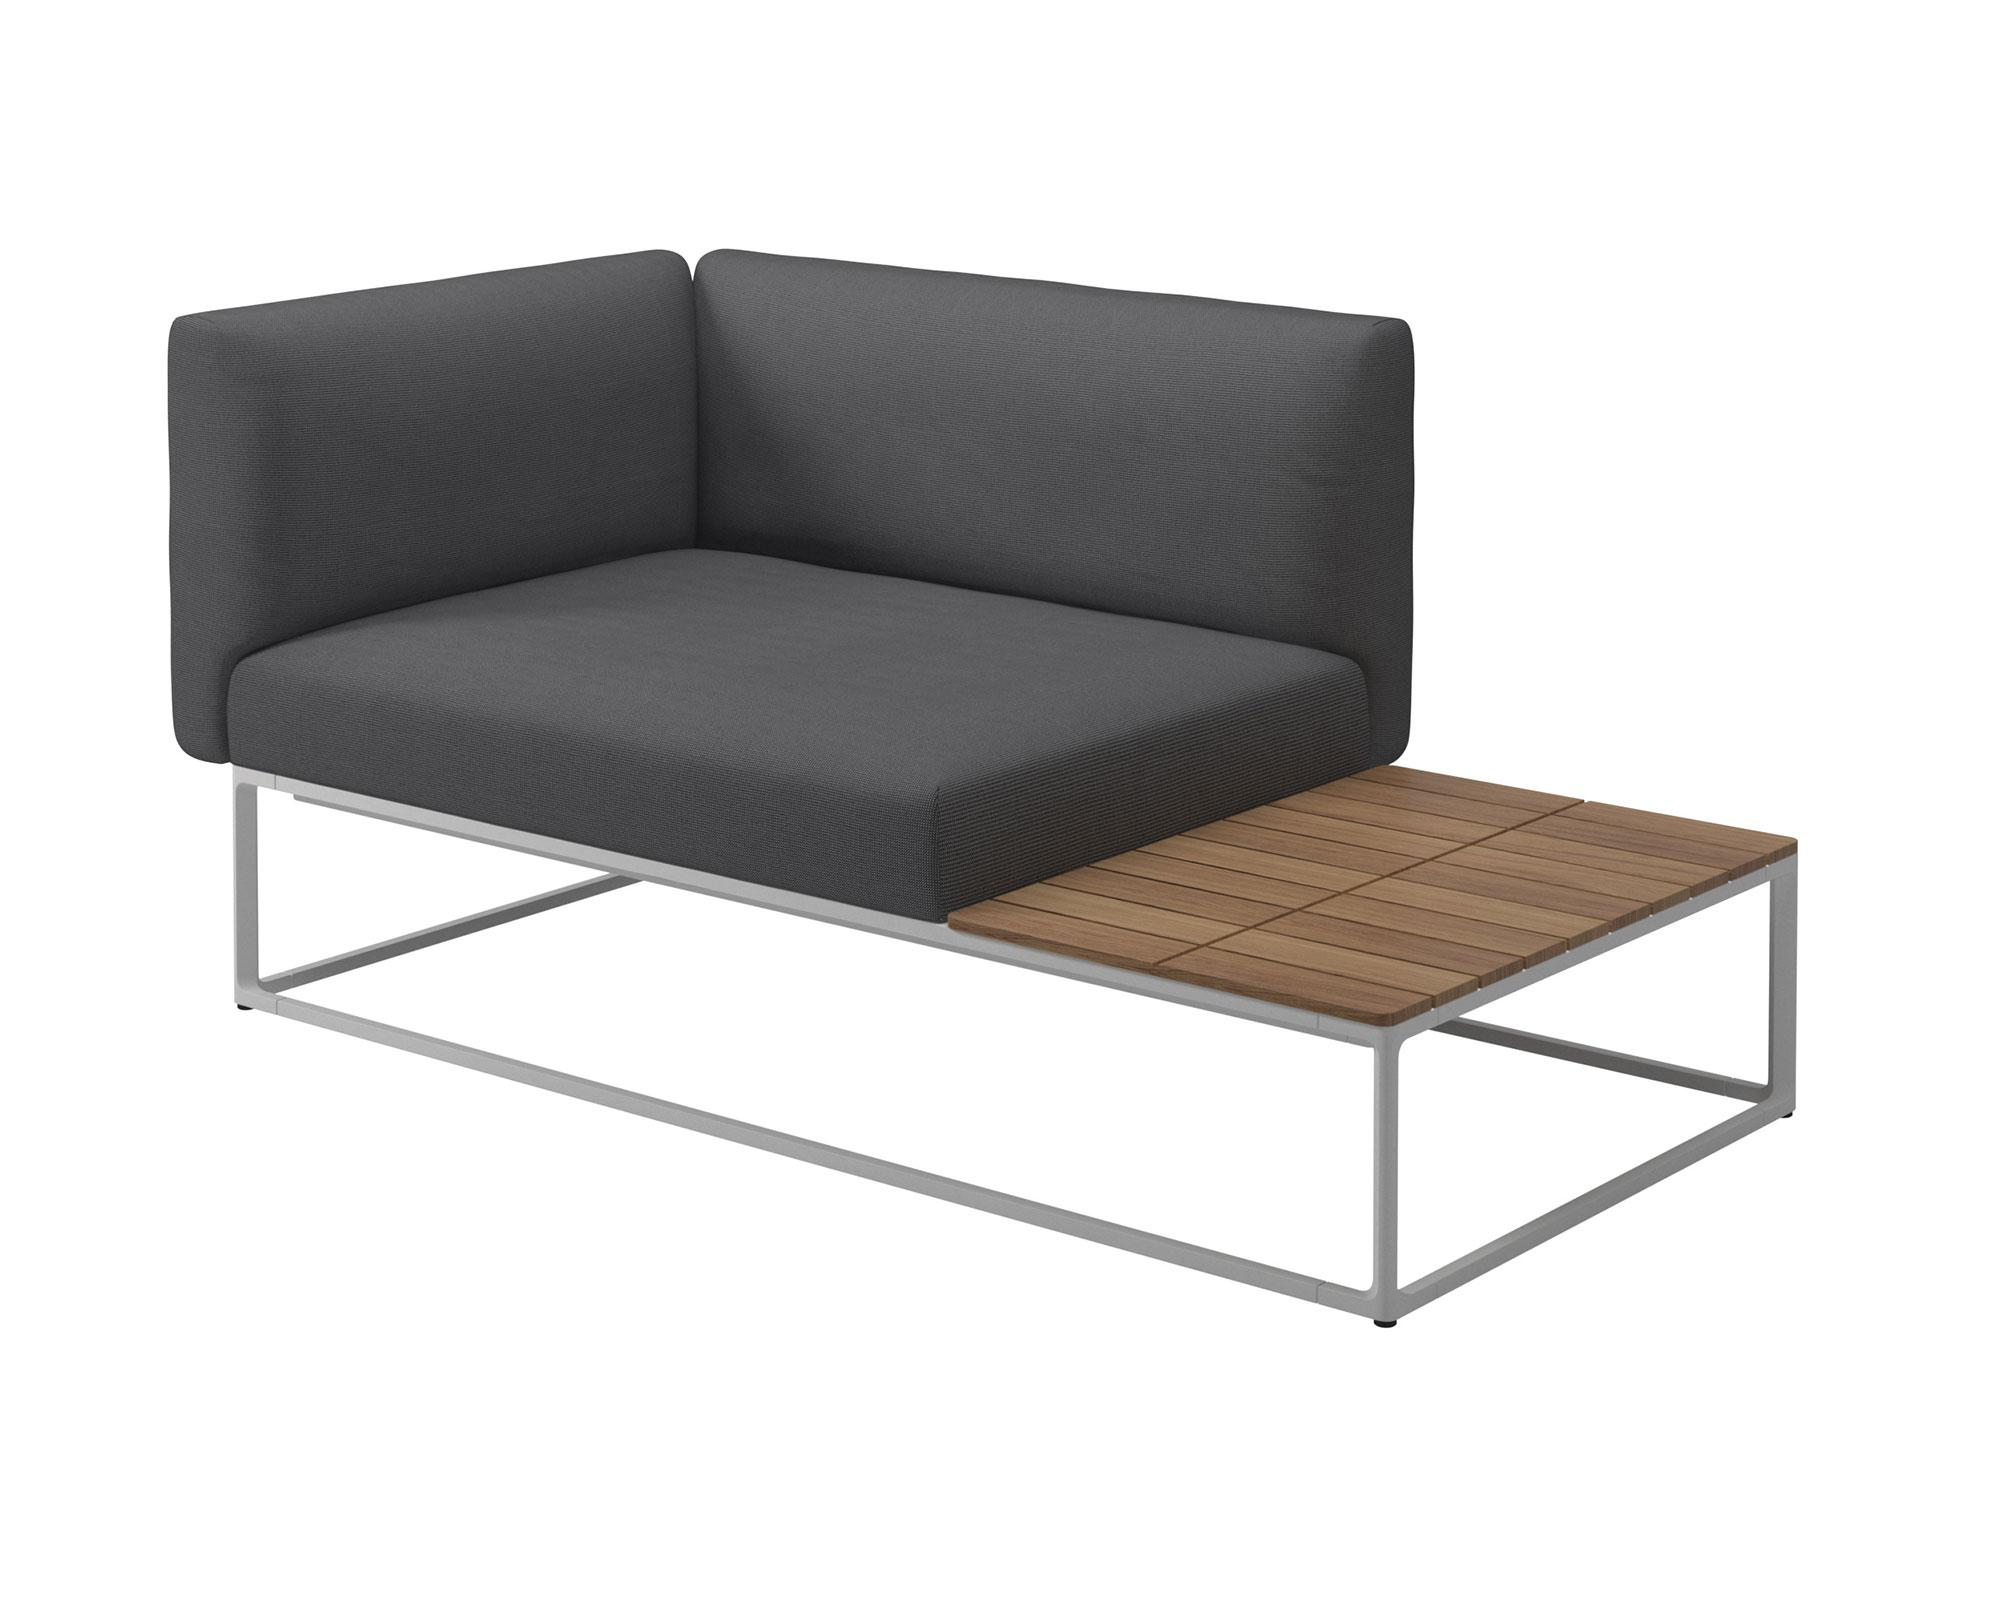 Lounge Maya Tischendeinheit Bowi Online Ausstellung Bowich